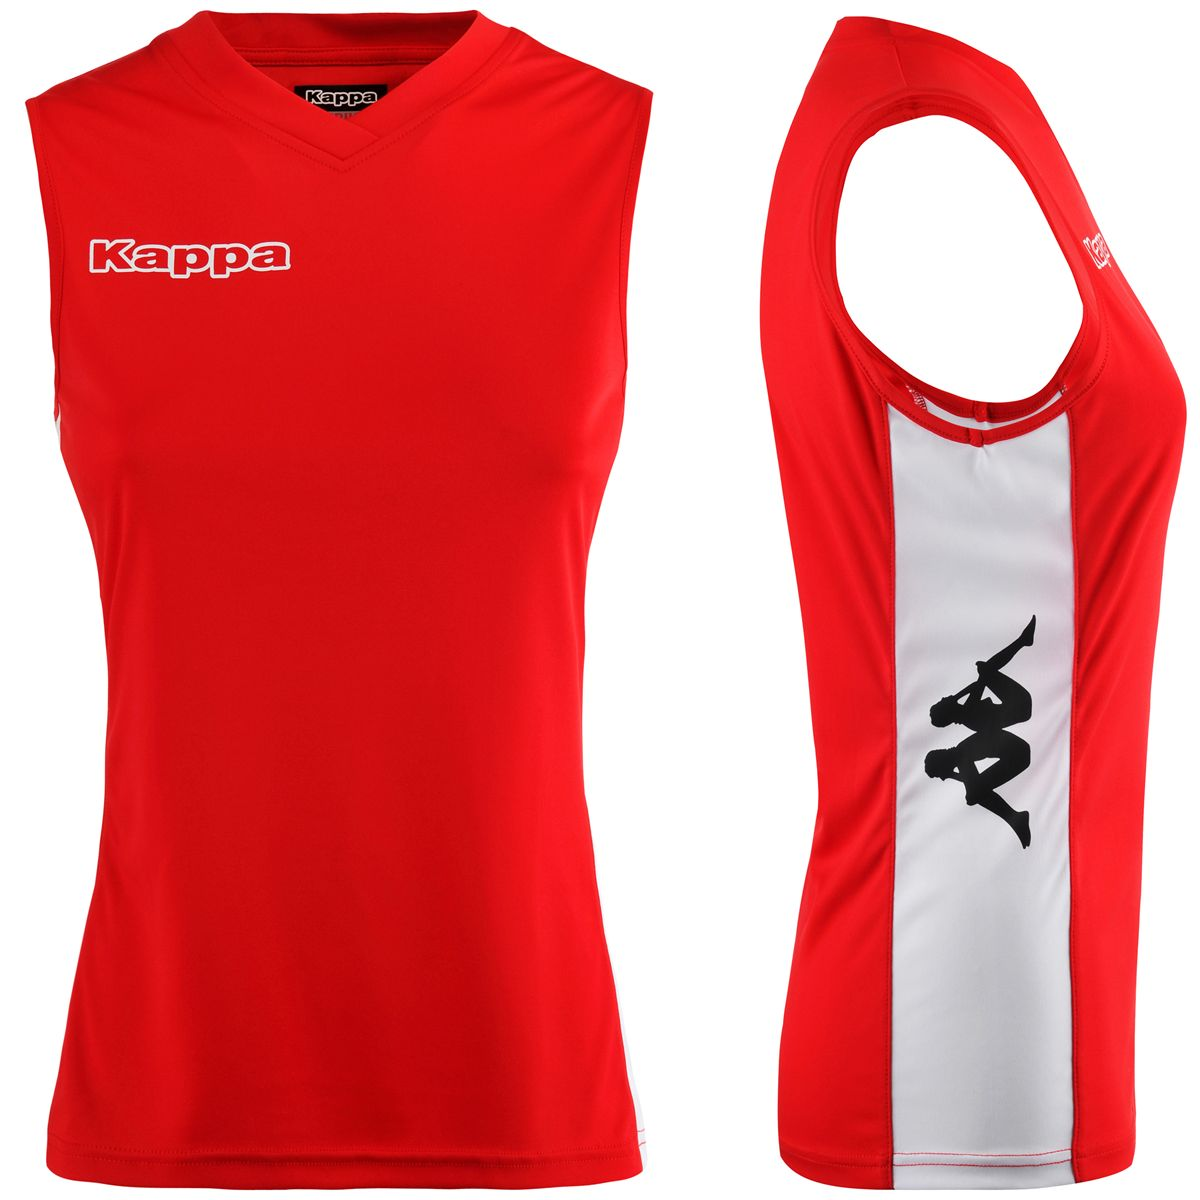 Kappa T-shirt sport Active Jersey KAPPA4VOLLEY AMILA Girl Tank